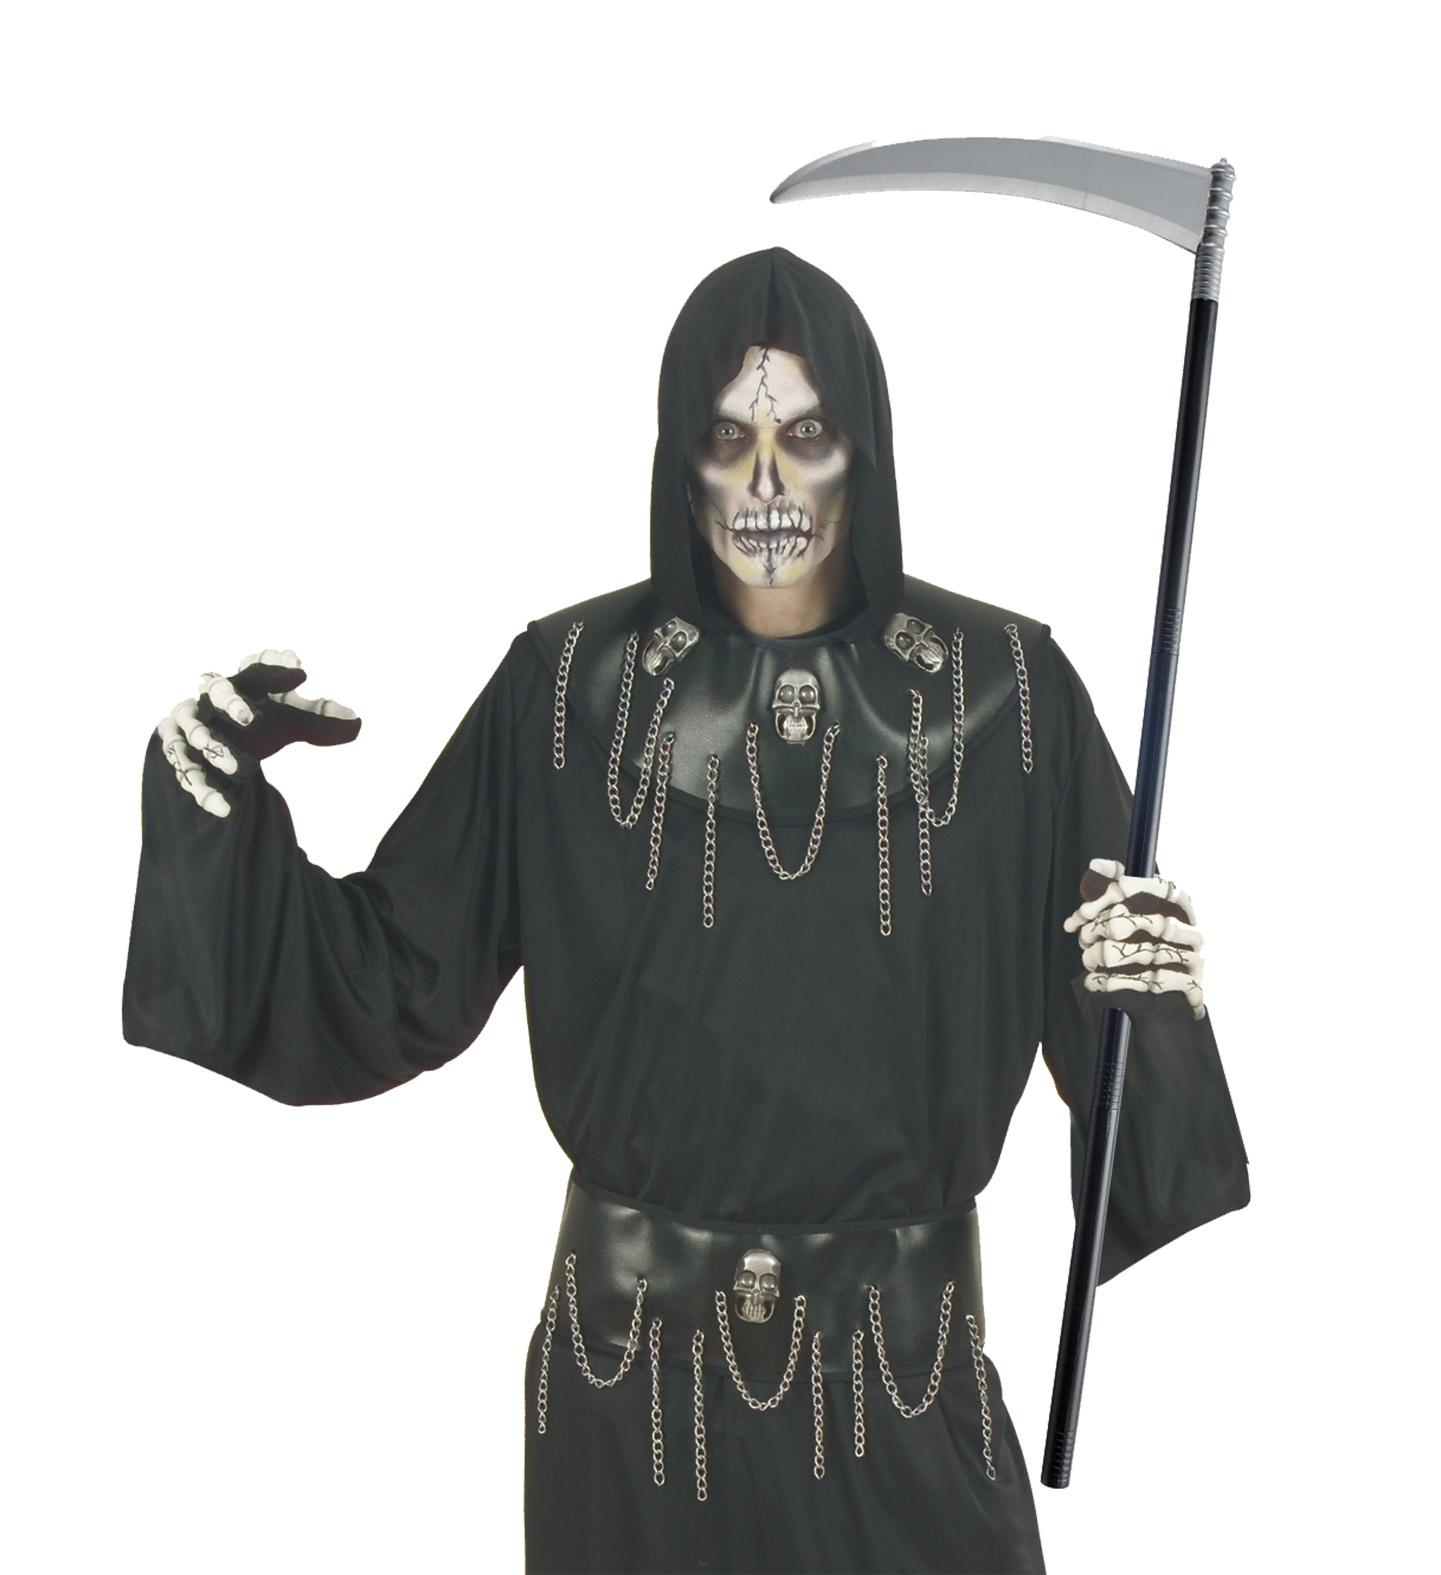 Sensenmann Sichel, Sense 101 cm, Zubehör zum Kostüm Halloween